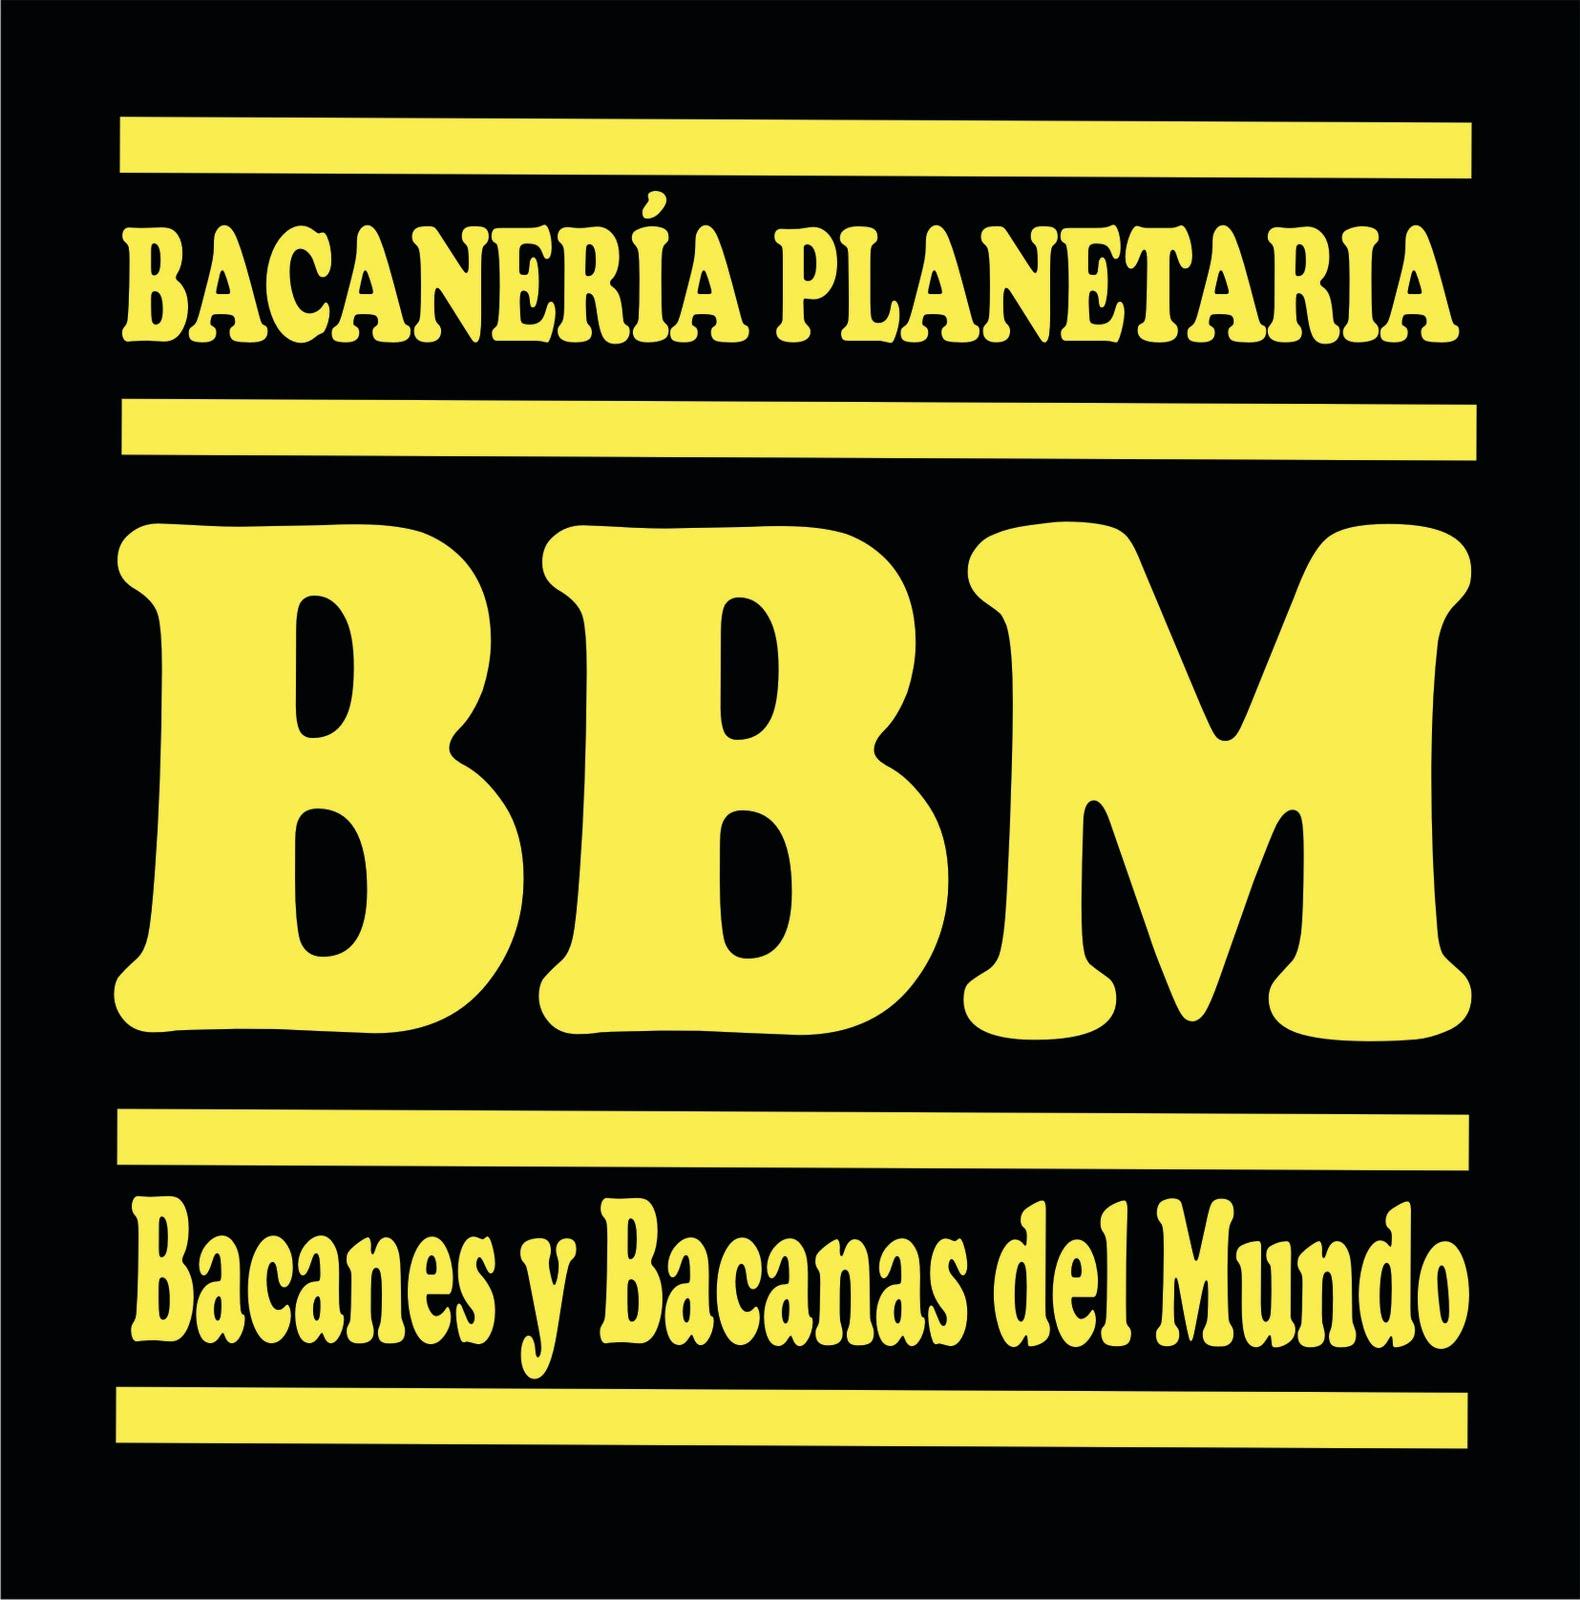 BBBM, Bacanes y Bacanes del Mundo,